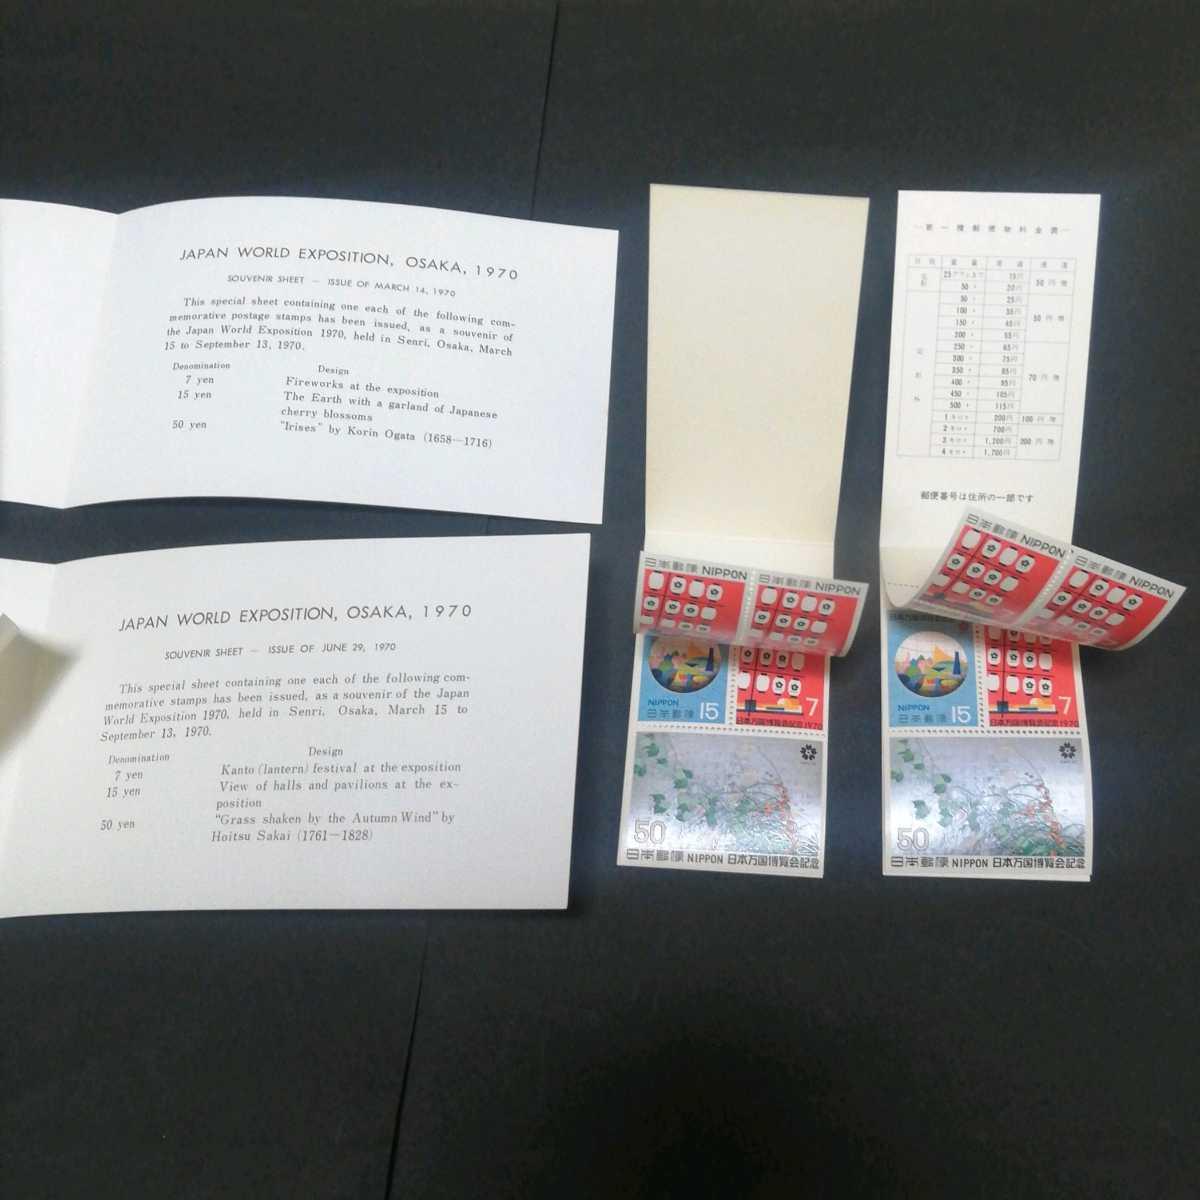 日本郵便 日本万博日本万国博覧会 記念切手 1次 2次 小型シート 未使用_画像5